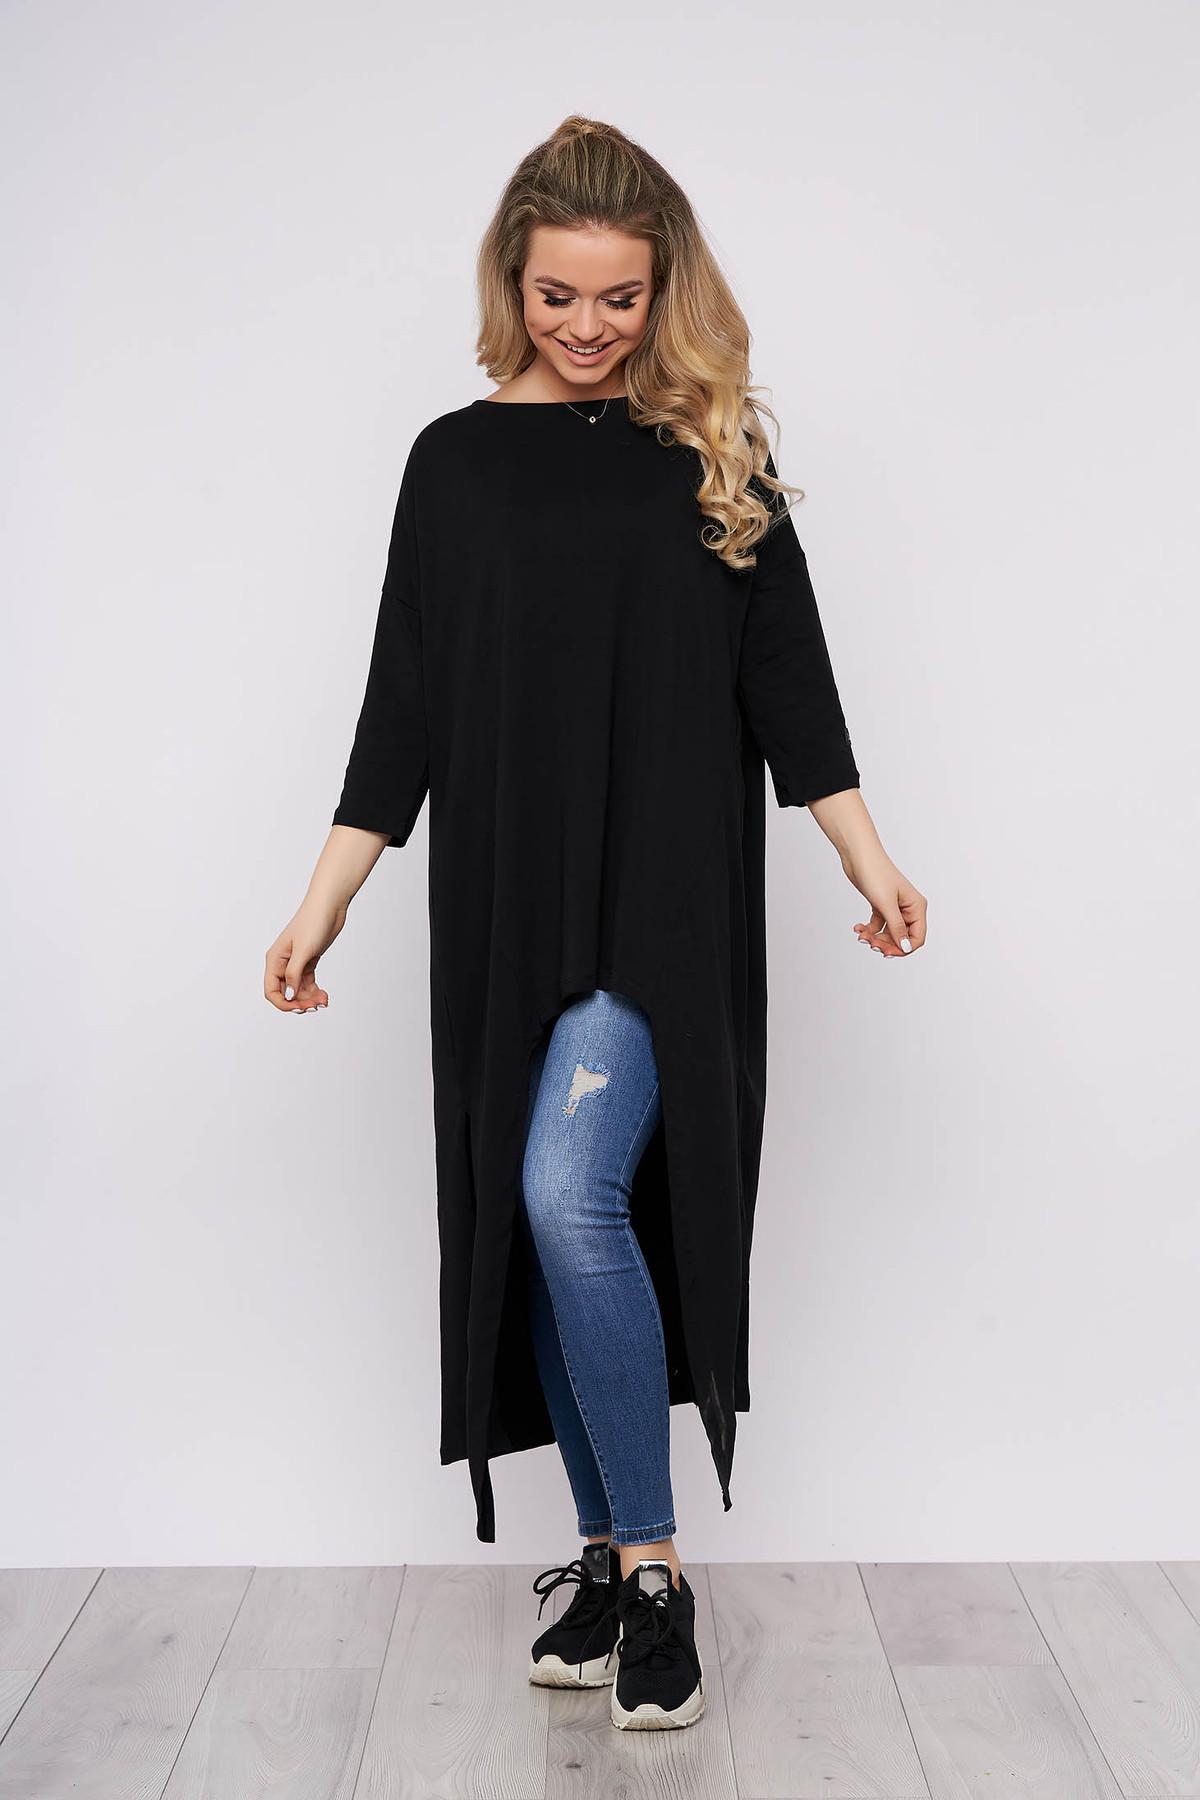 Rochie neagra lunga casual din bumbac cu croi larg cu maneci lungi si decolteu la baza gatului